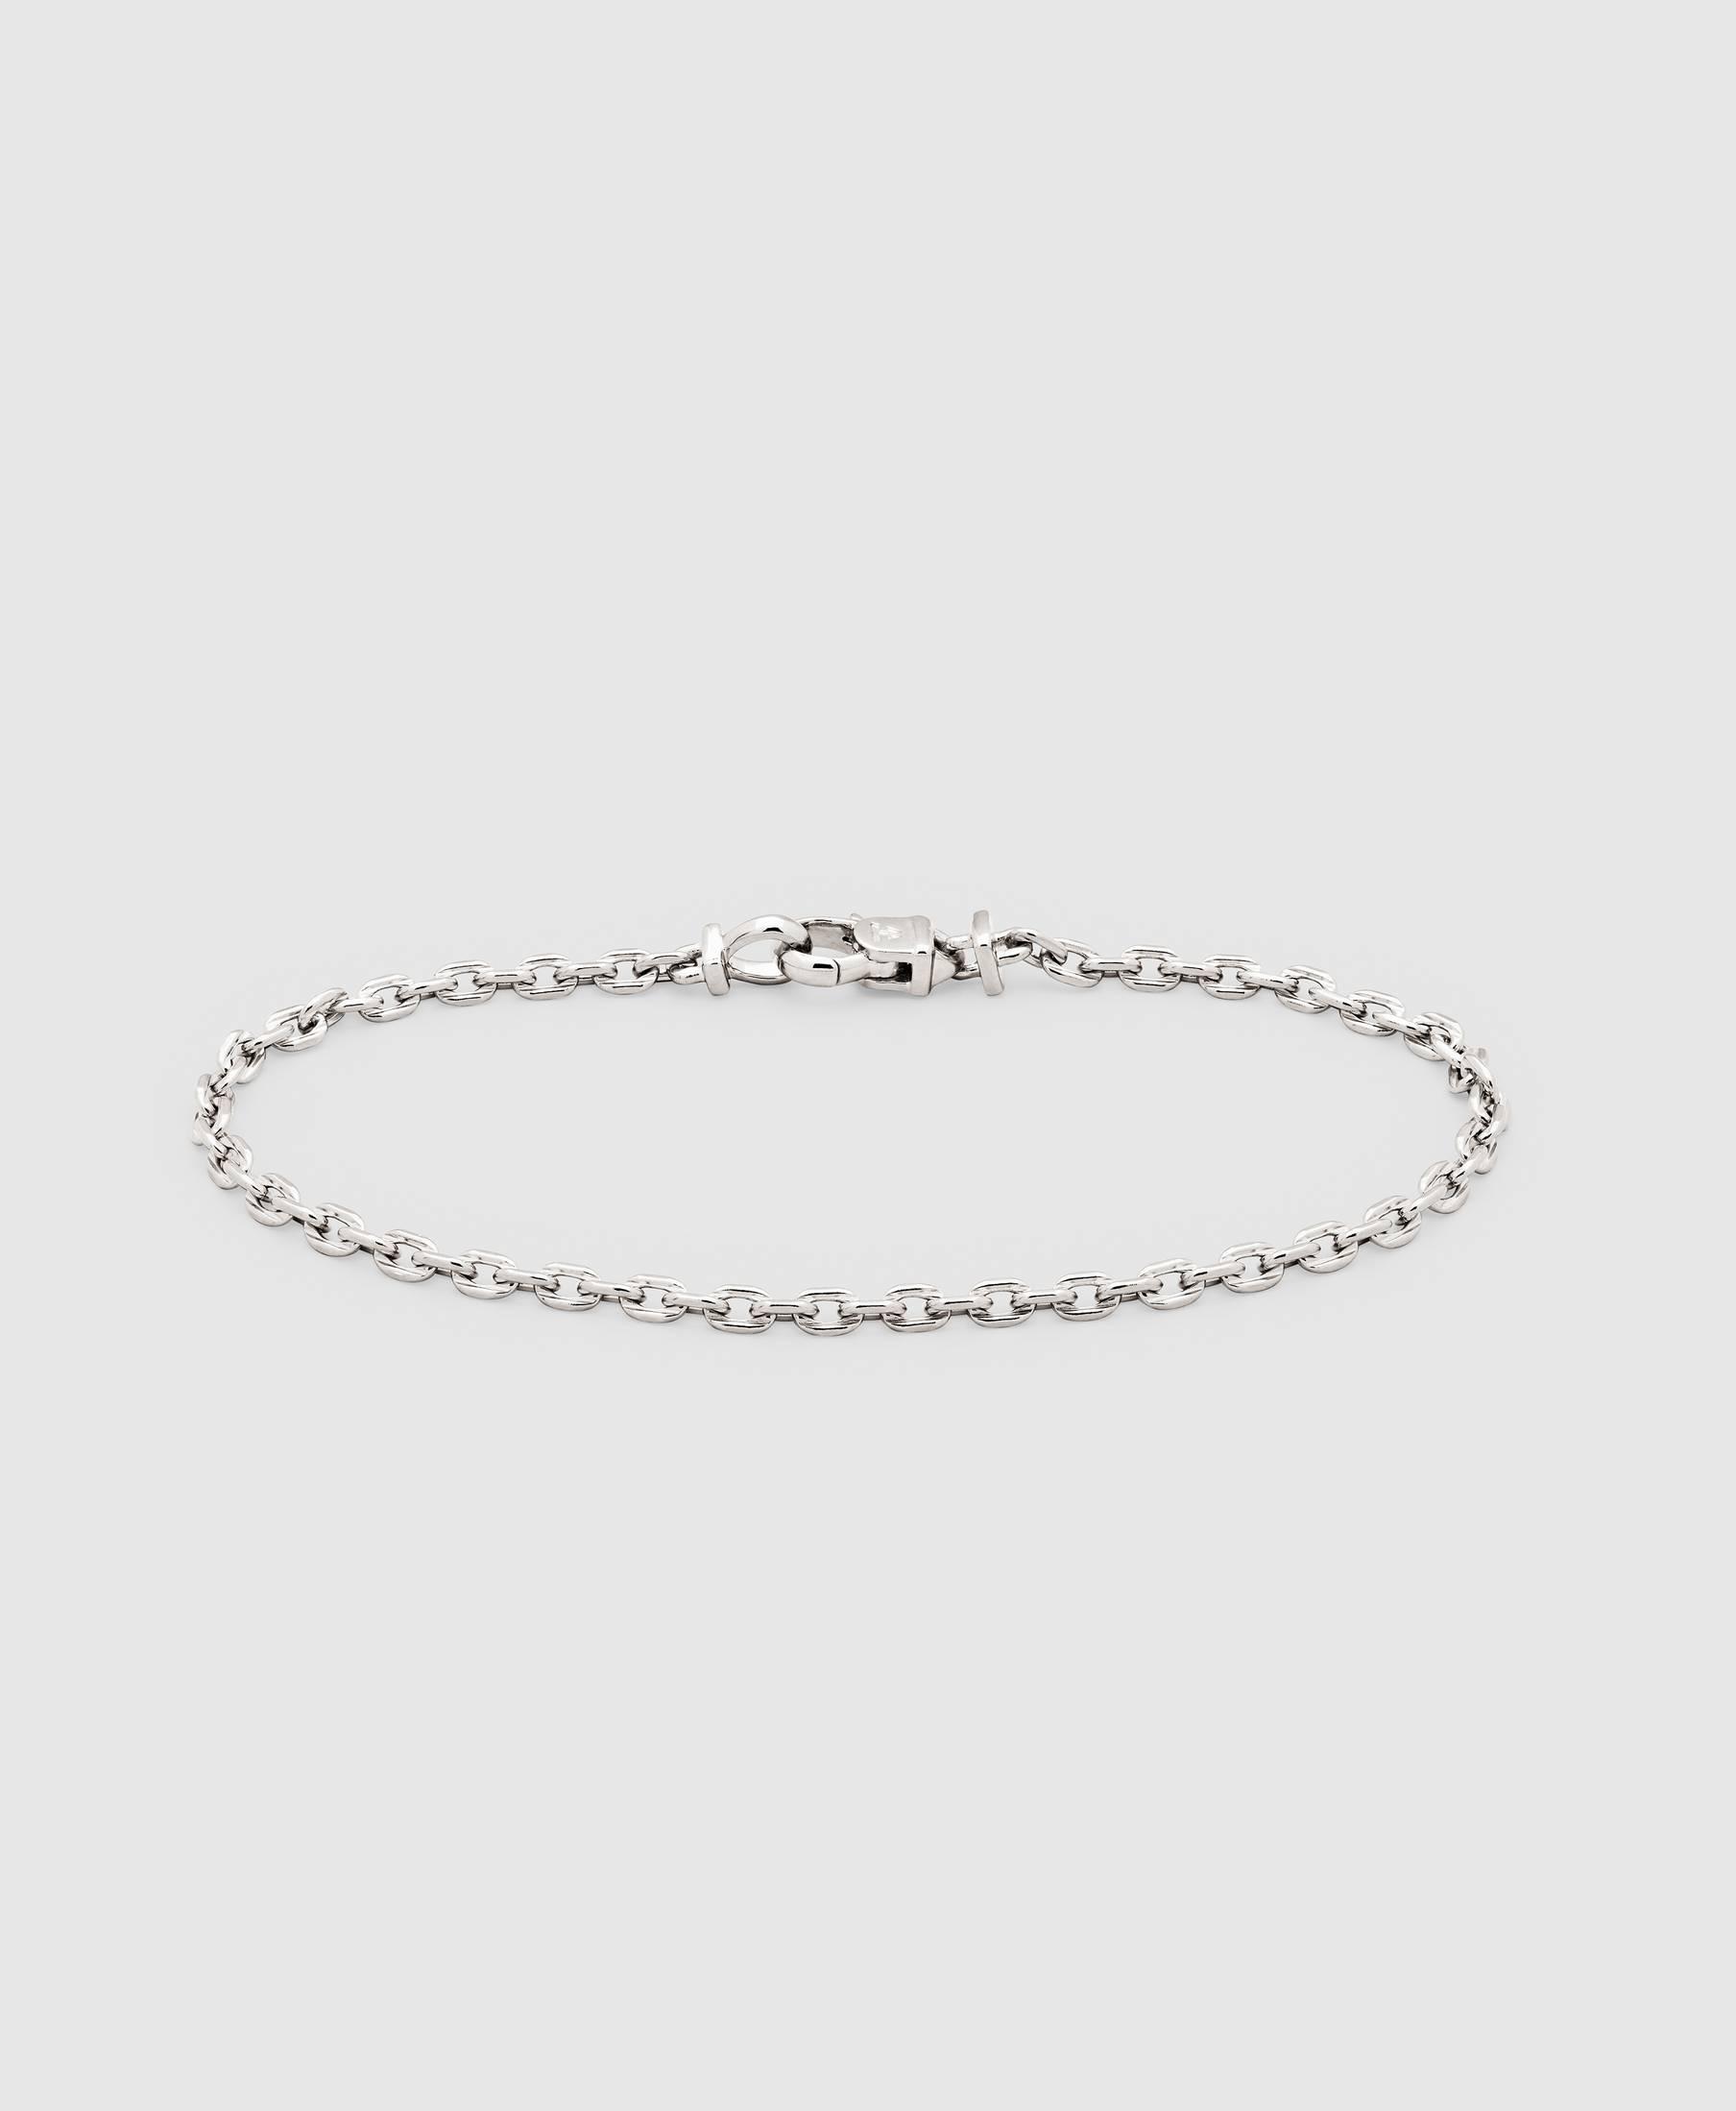 Anker Bracelet